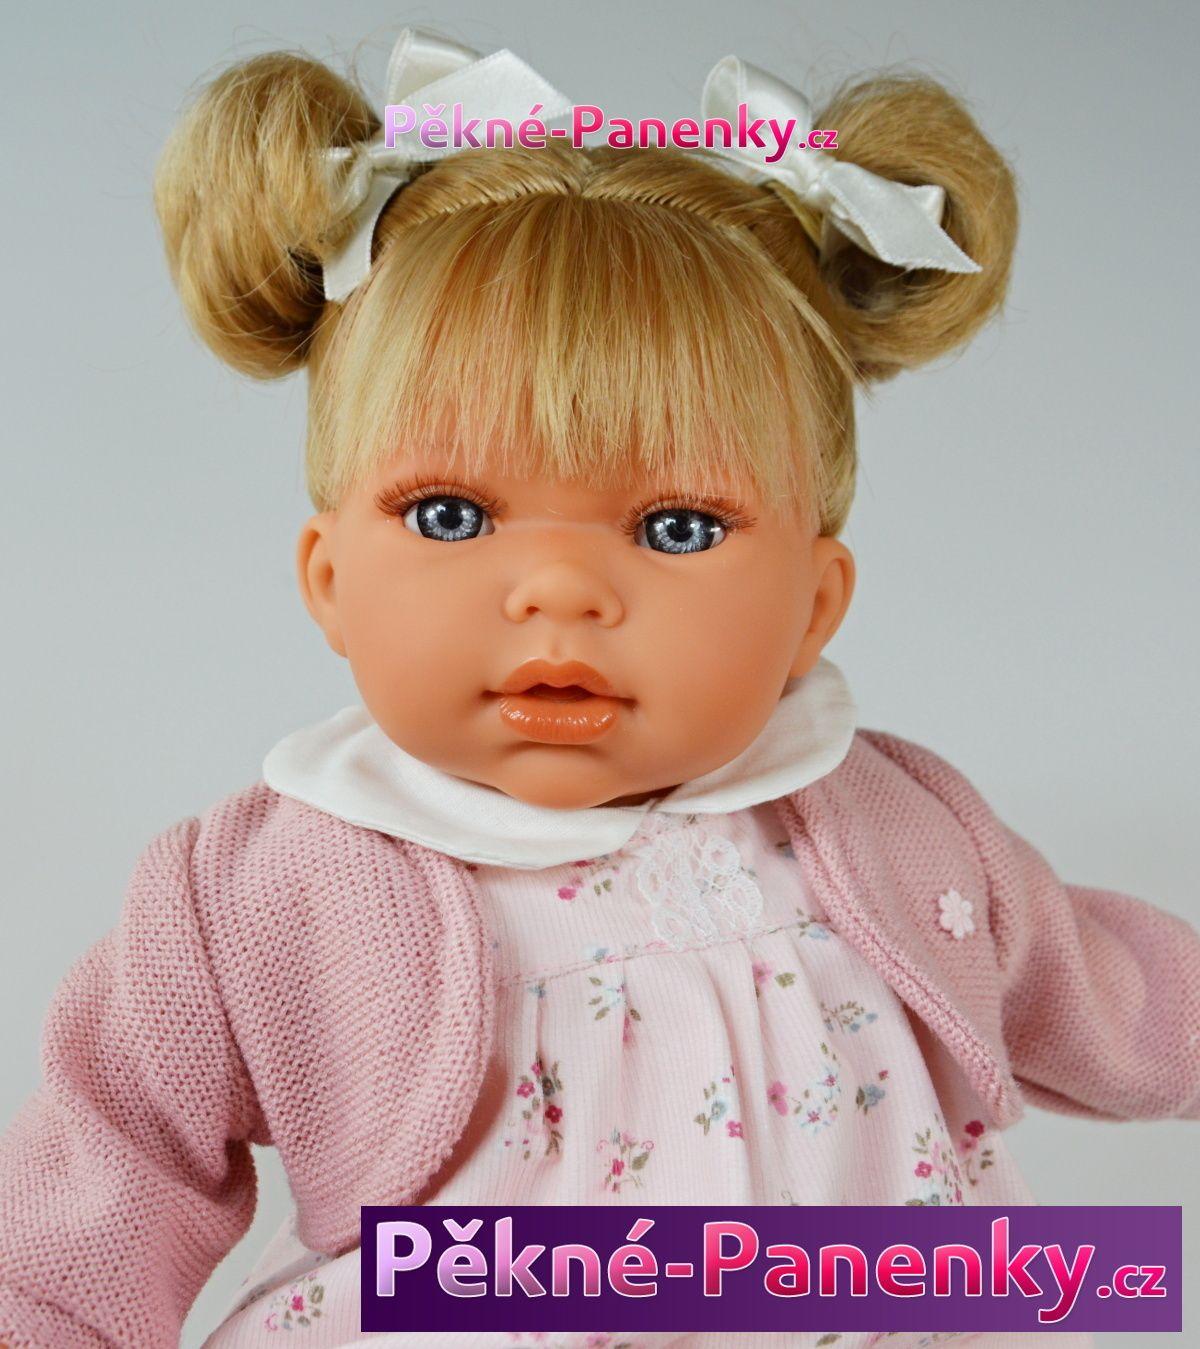 Antonio Juan realistická, mluvící panenka, která vypadá jako živá